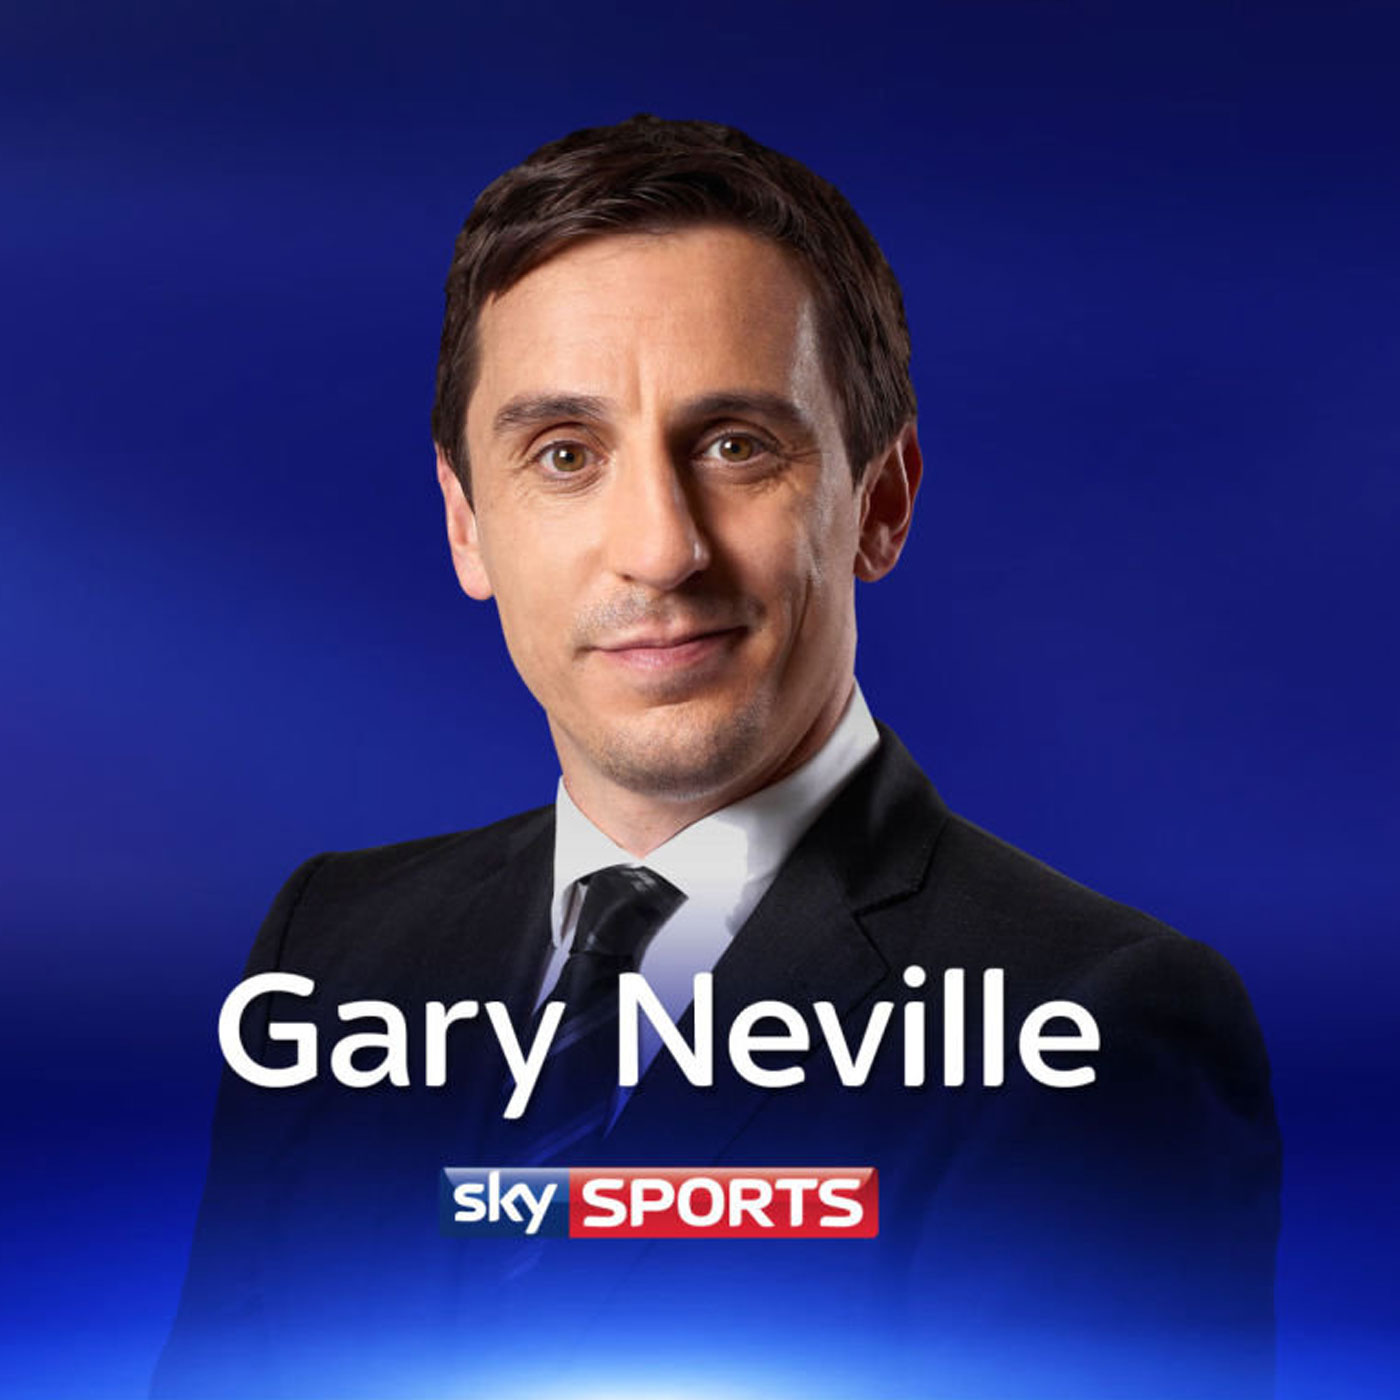 The Gary Neville Podcast - Sky Sports